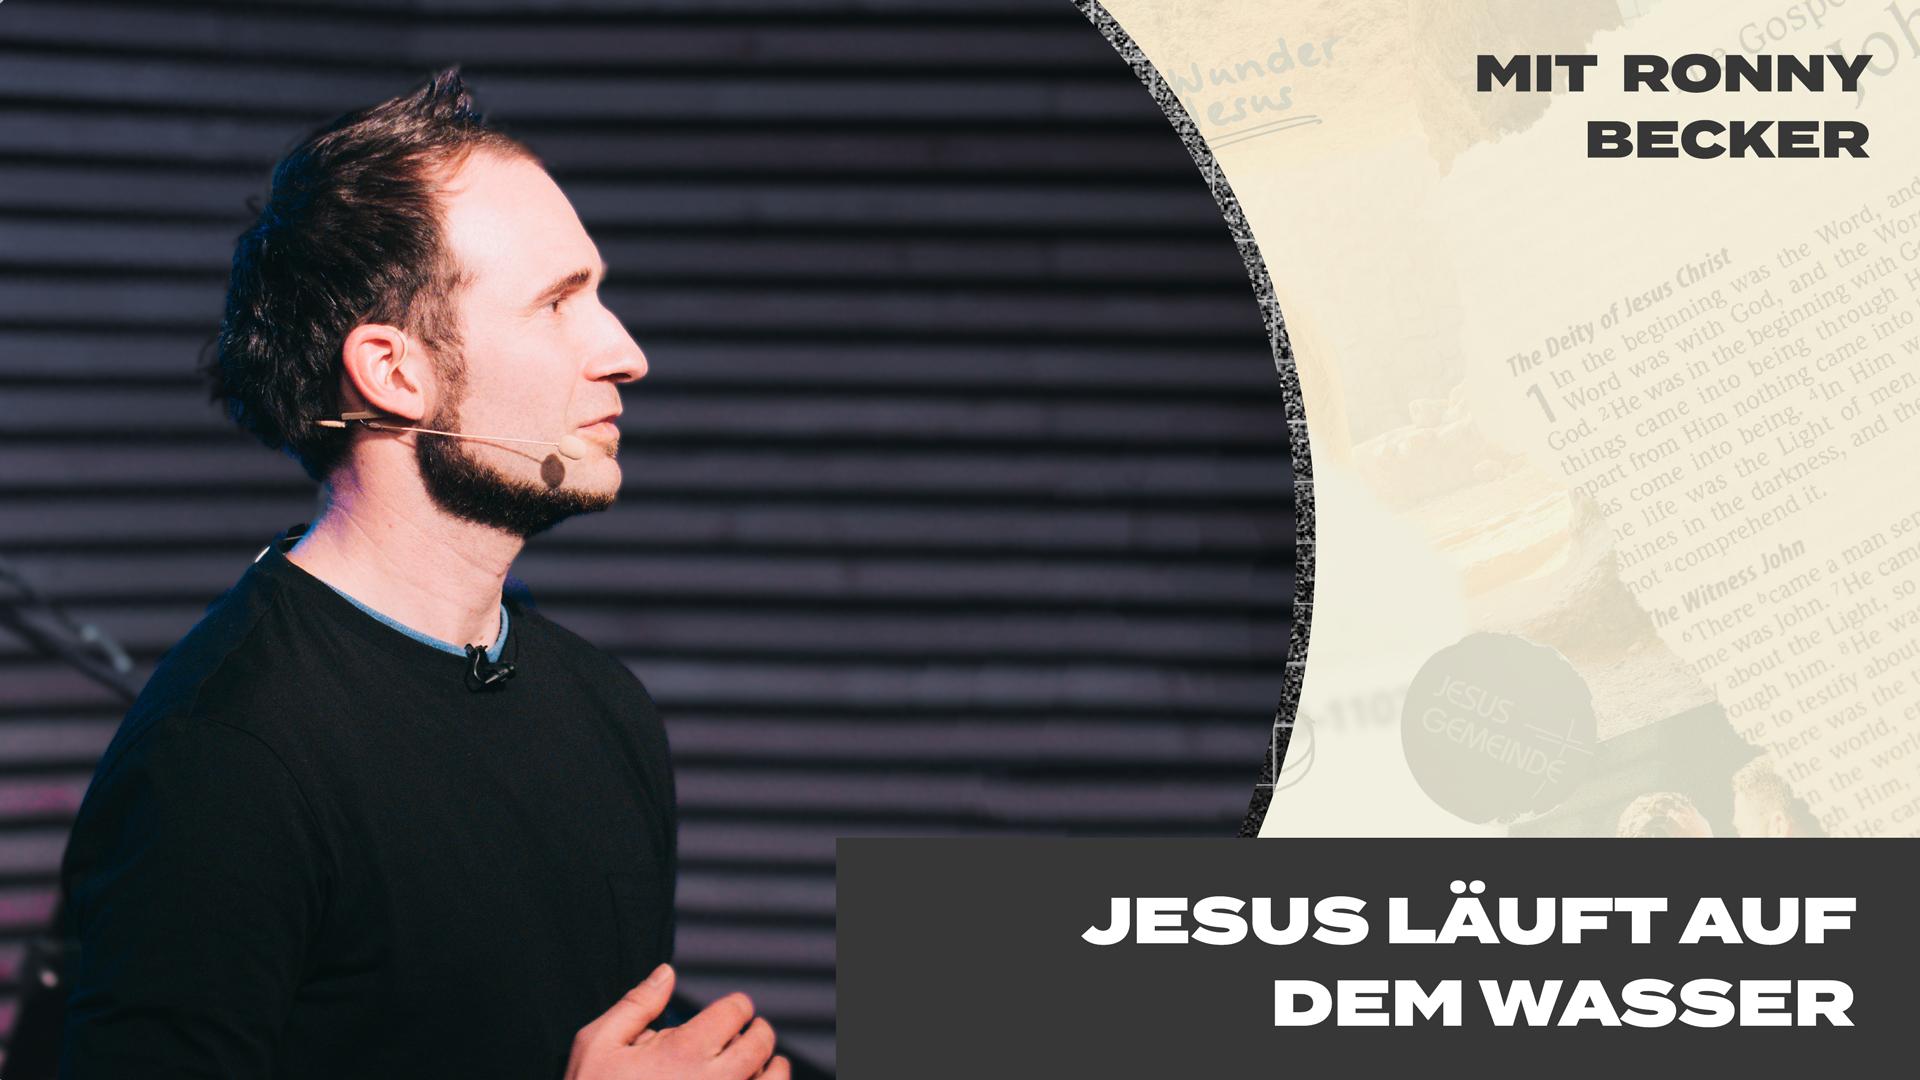 Die Wunder von Jesus - Jesus läuft auf dem Wasser [video]